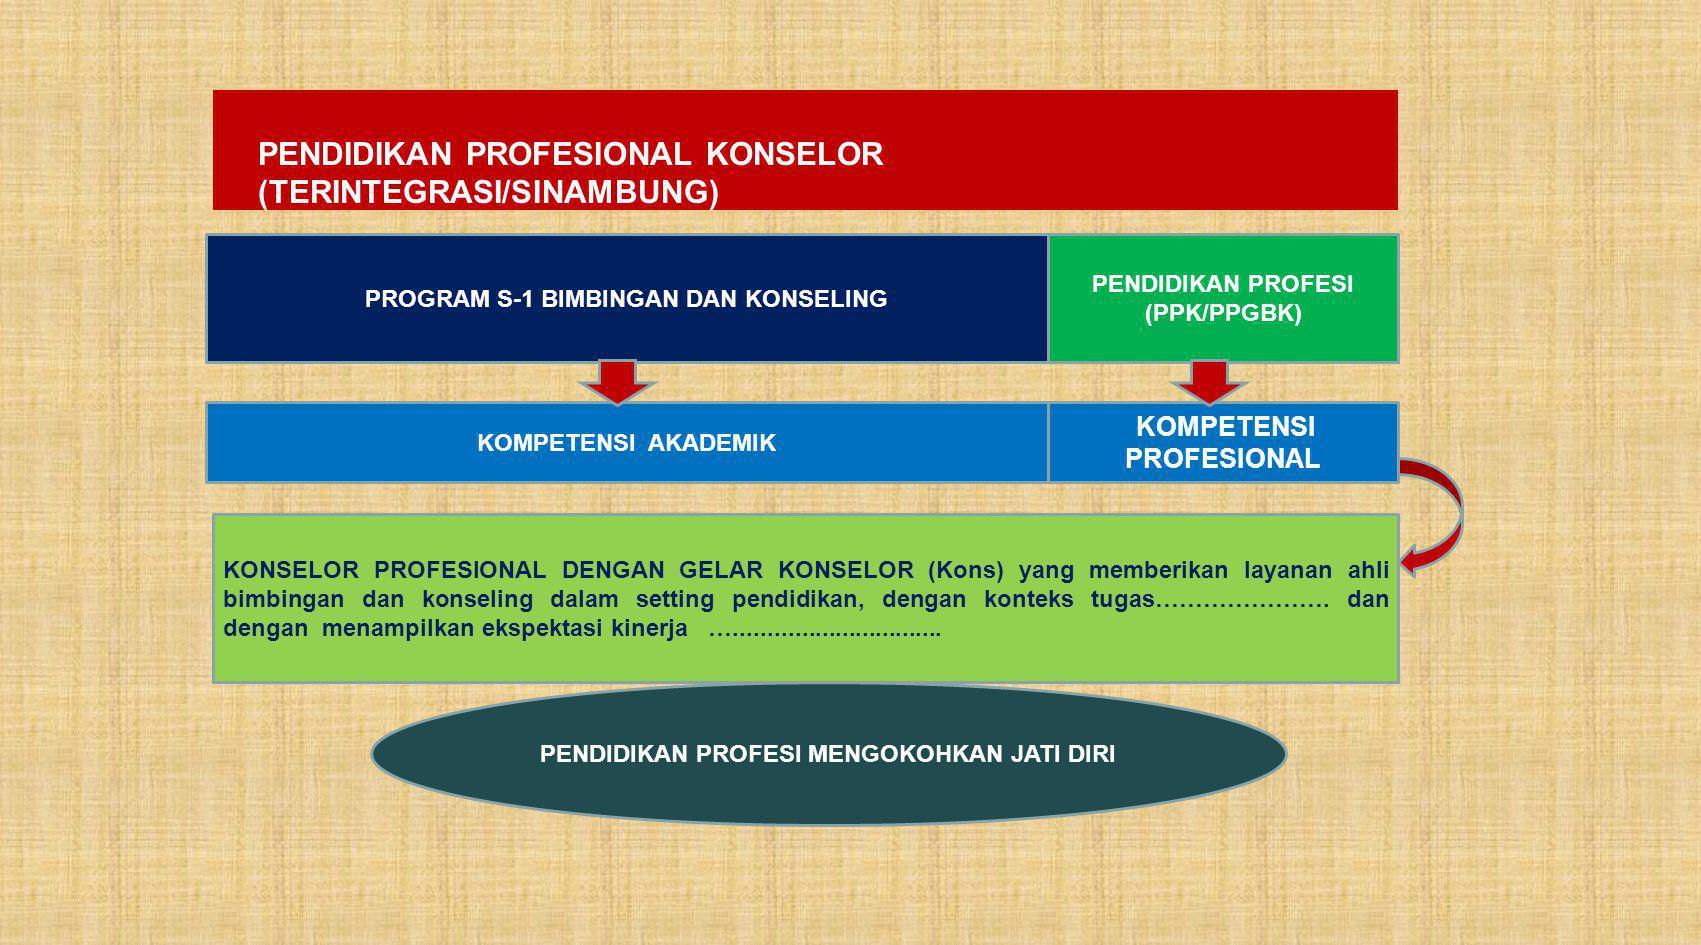 TONGGAK-TONGGAK SINERGI PENGUTUHAN PENDIDIKAN PROFESIONAL GURU PENDIDIKAN AKADEMIK (S-1 KEPENDIDIKAN) PENDDK PROFESI PENDIDIKAN AKADEMIK (S-1/D-IV NON